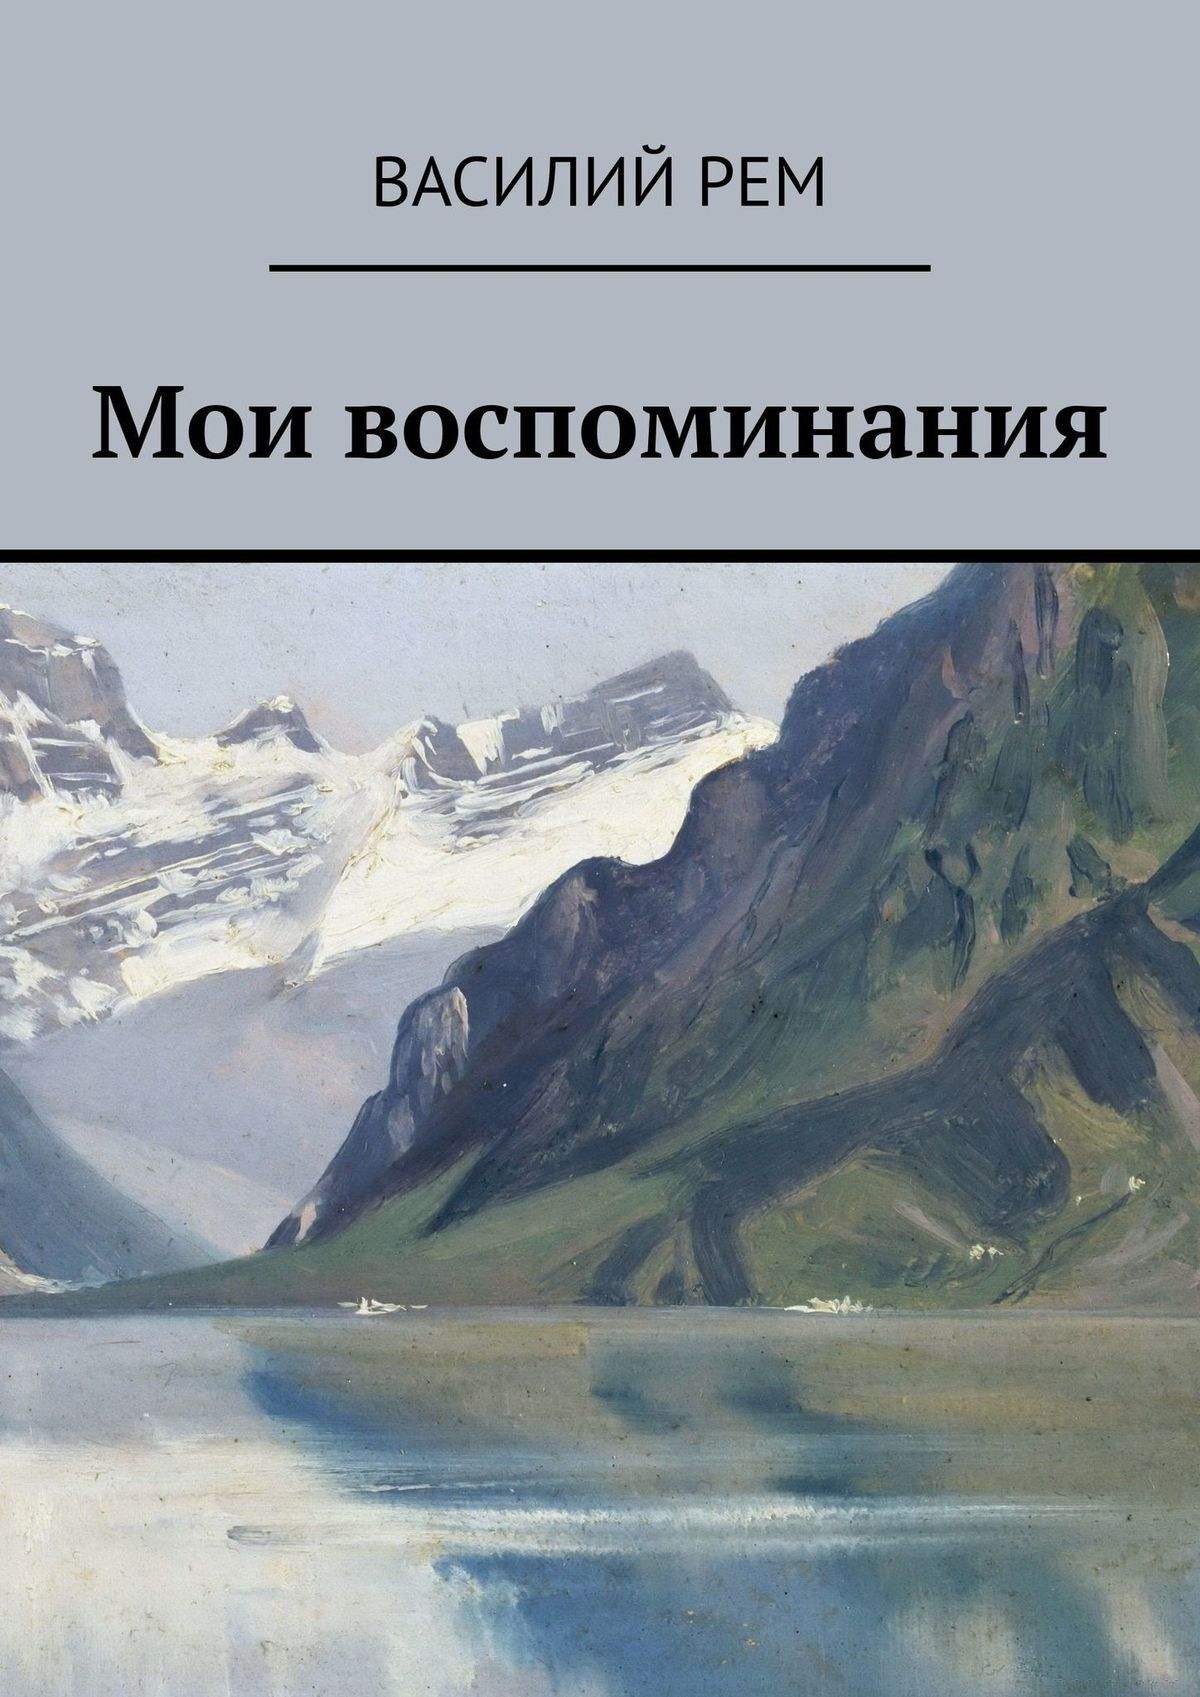 Василий Рем Мои воспоминания. Рождённый вСССР